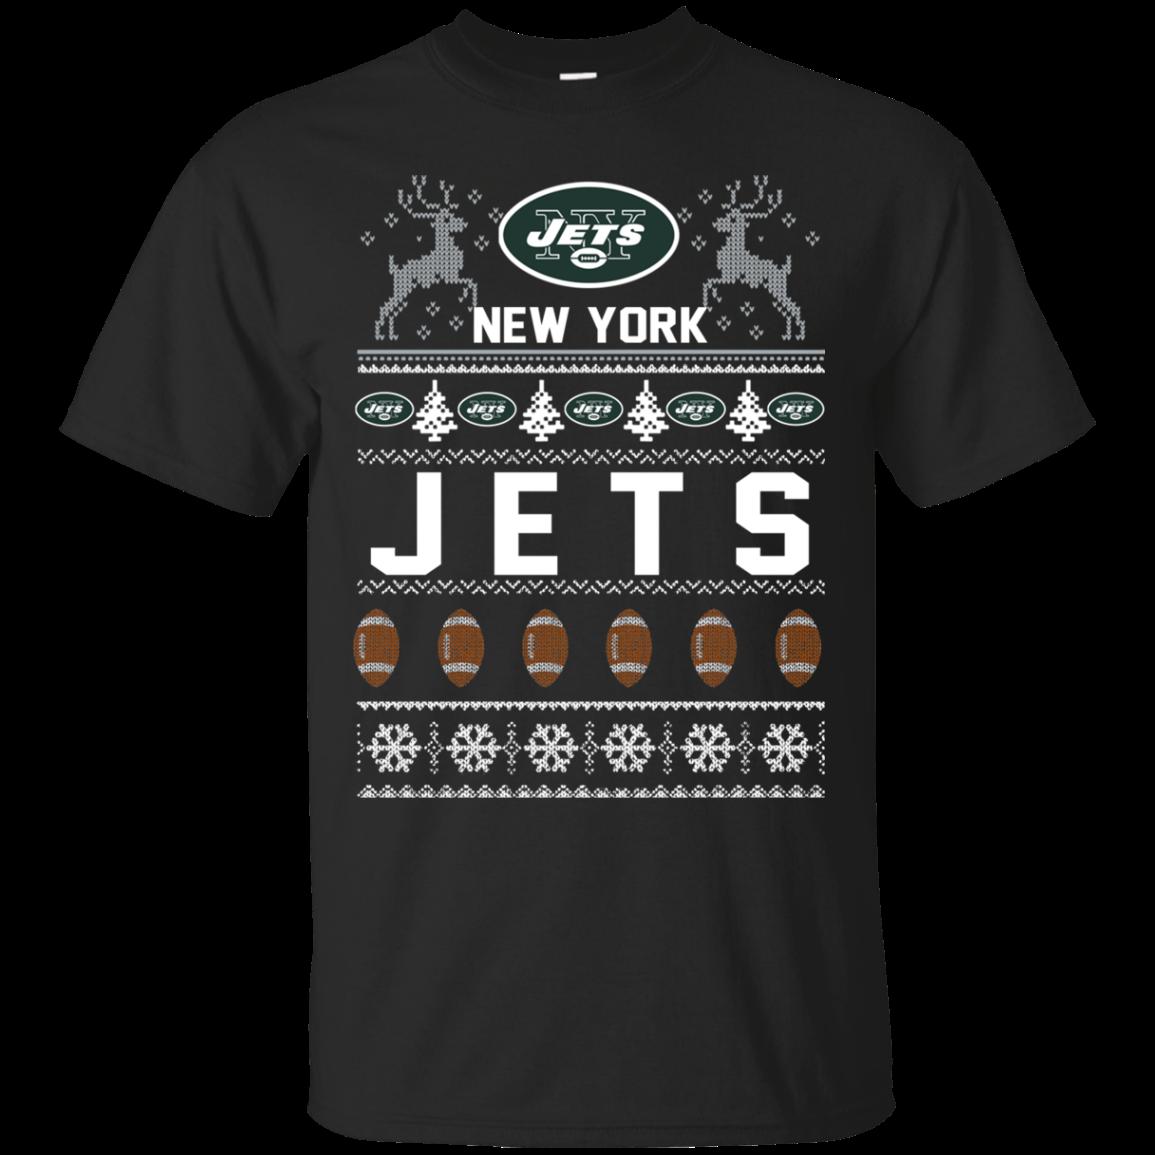 New York Jets Ugly Christmas Shirts